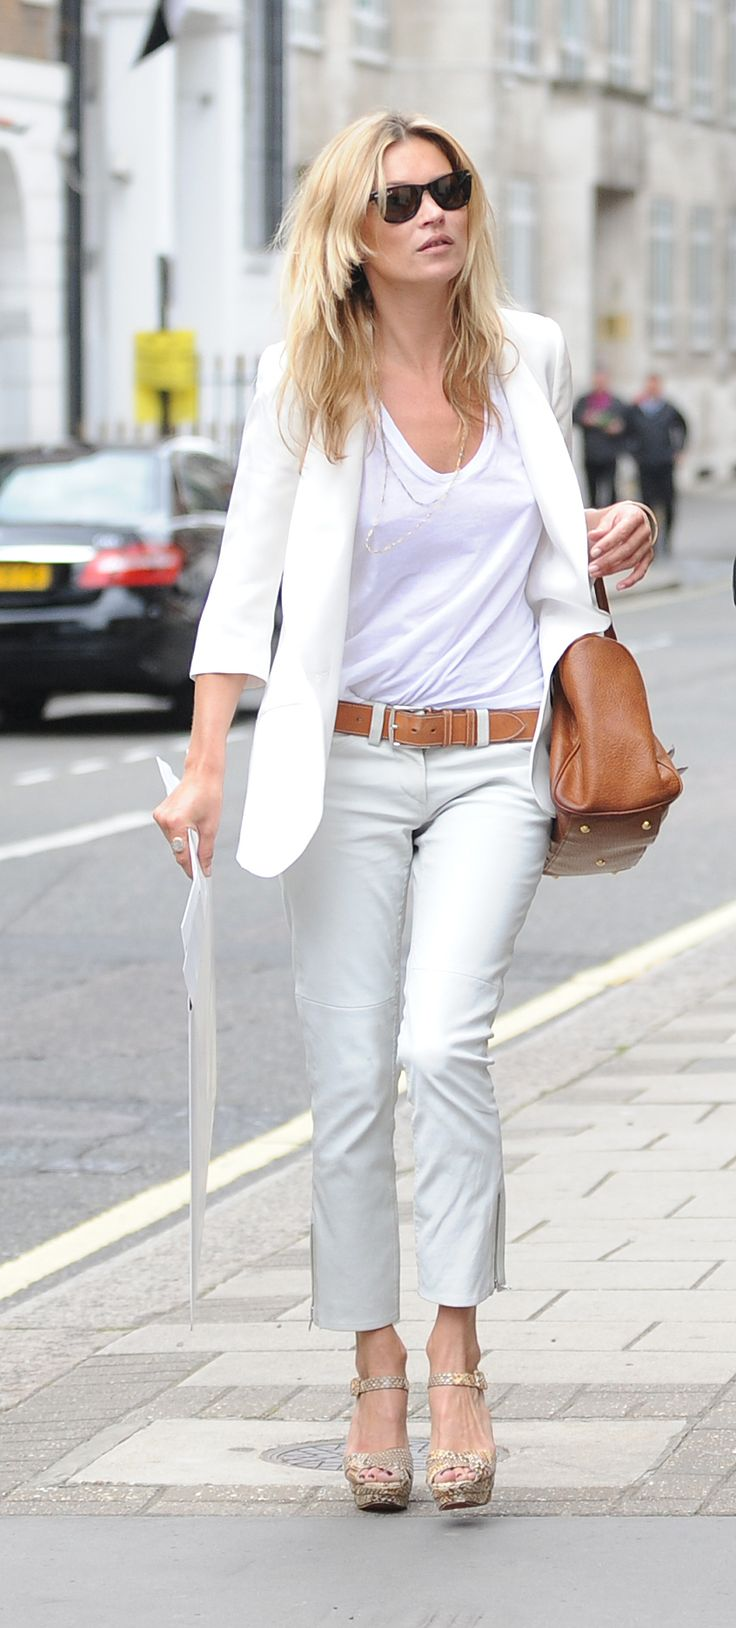 White t shirt fashion tips - 101 Ways To Wear A White Tee